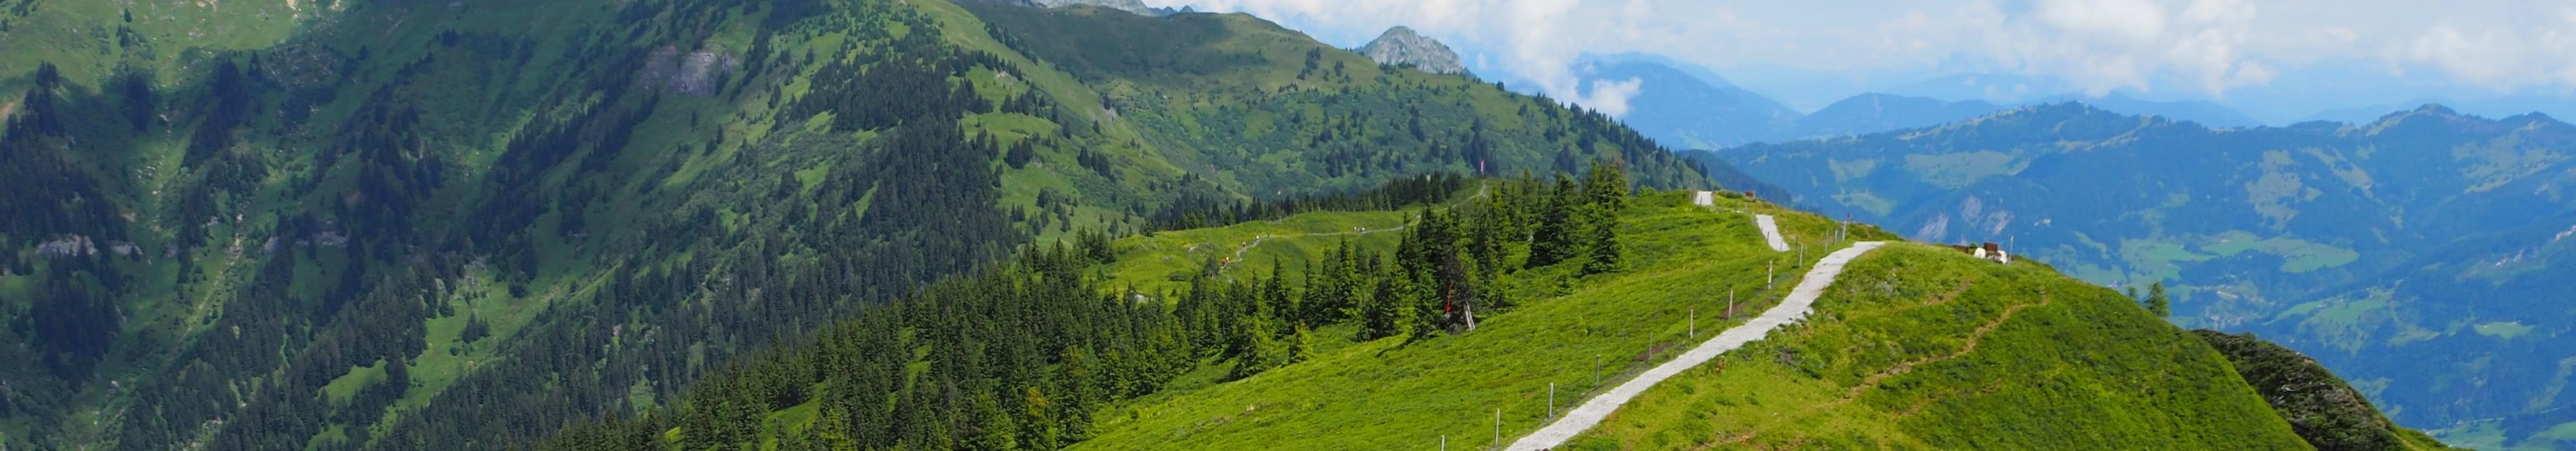 Über Berg und Tal